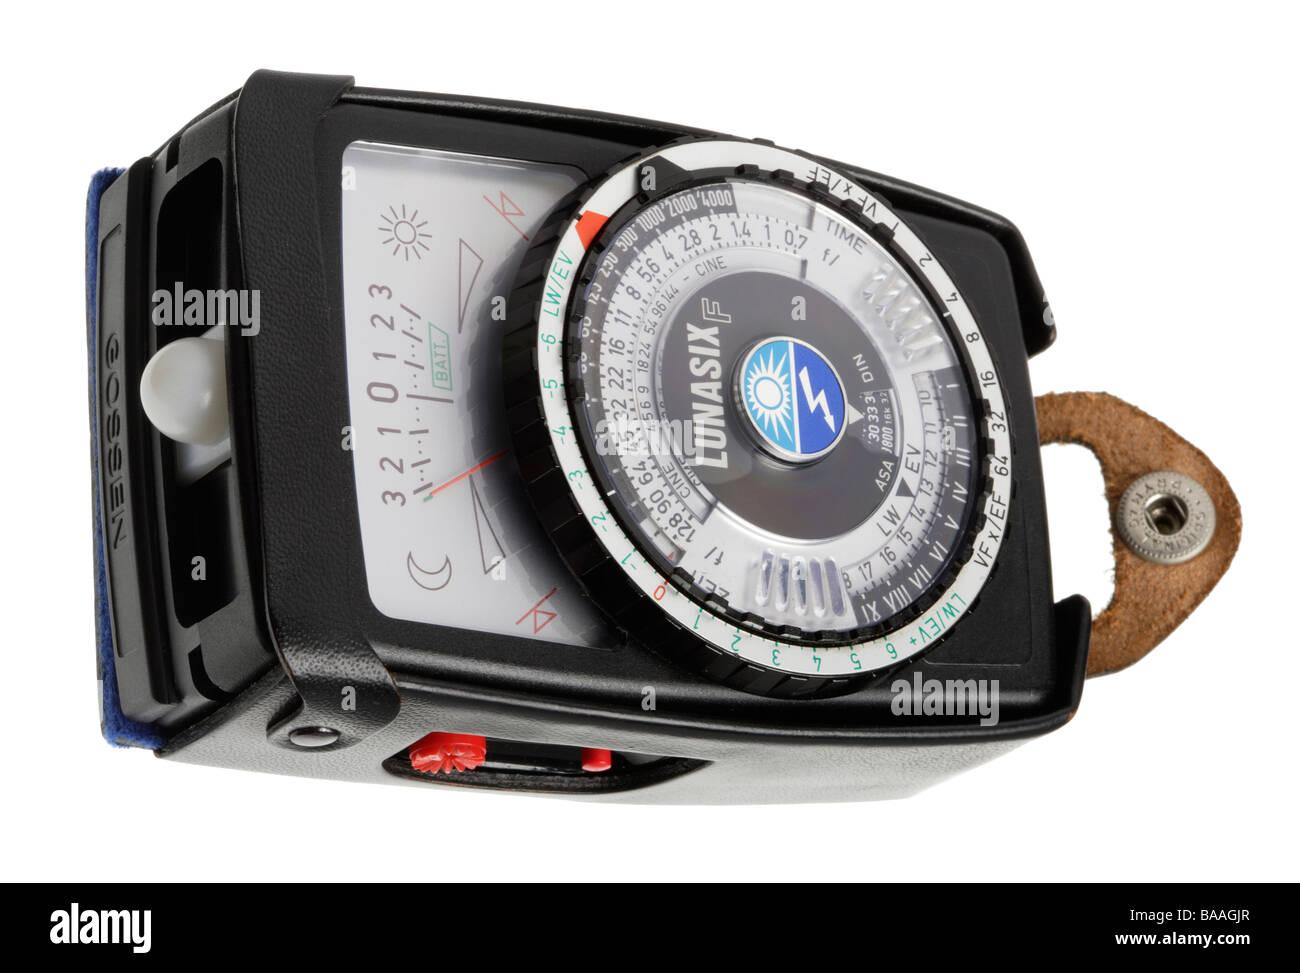 Light Meter Stock Photos & Light Meter Stock Images - Alamy